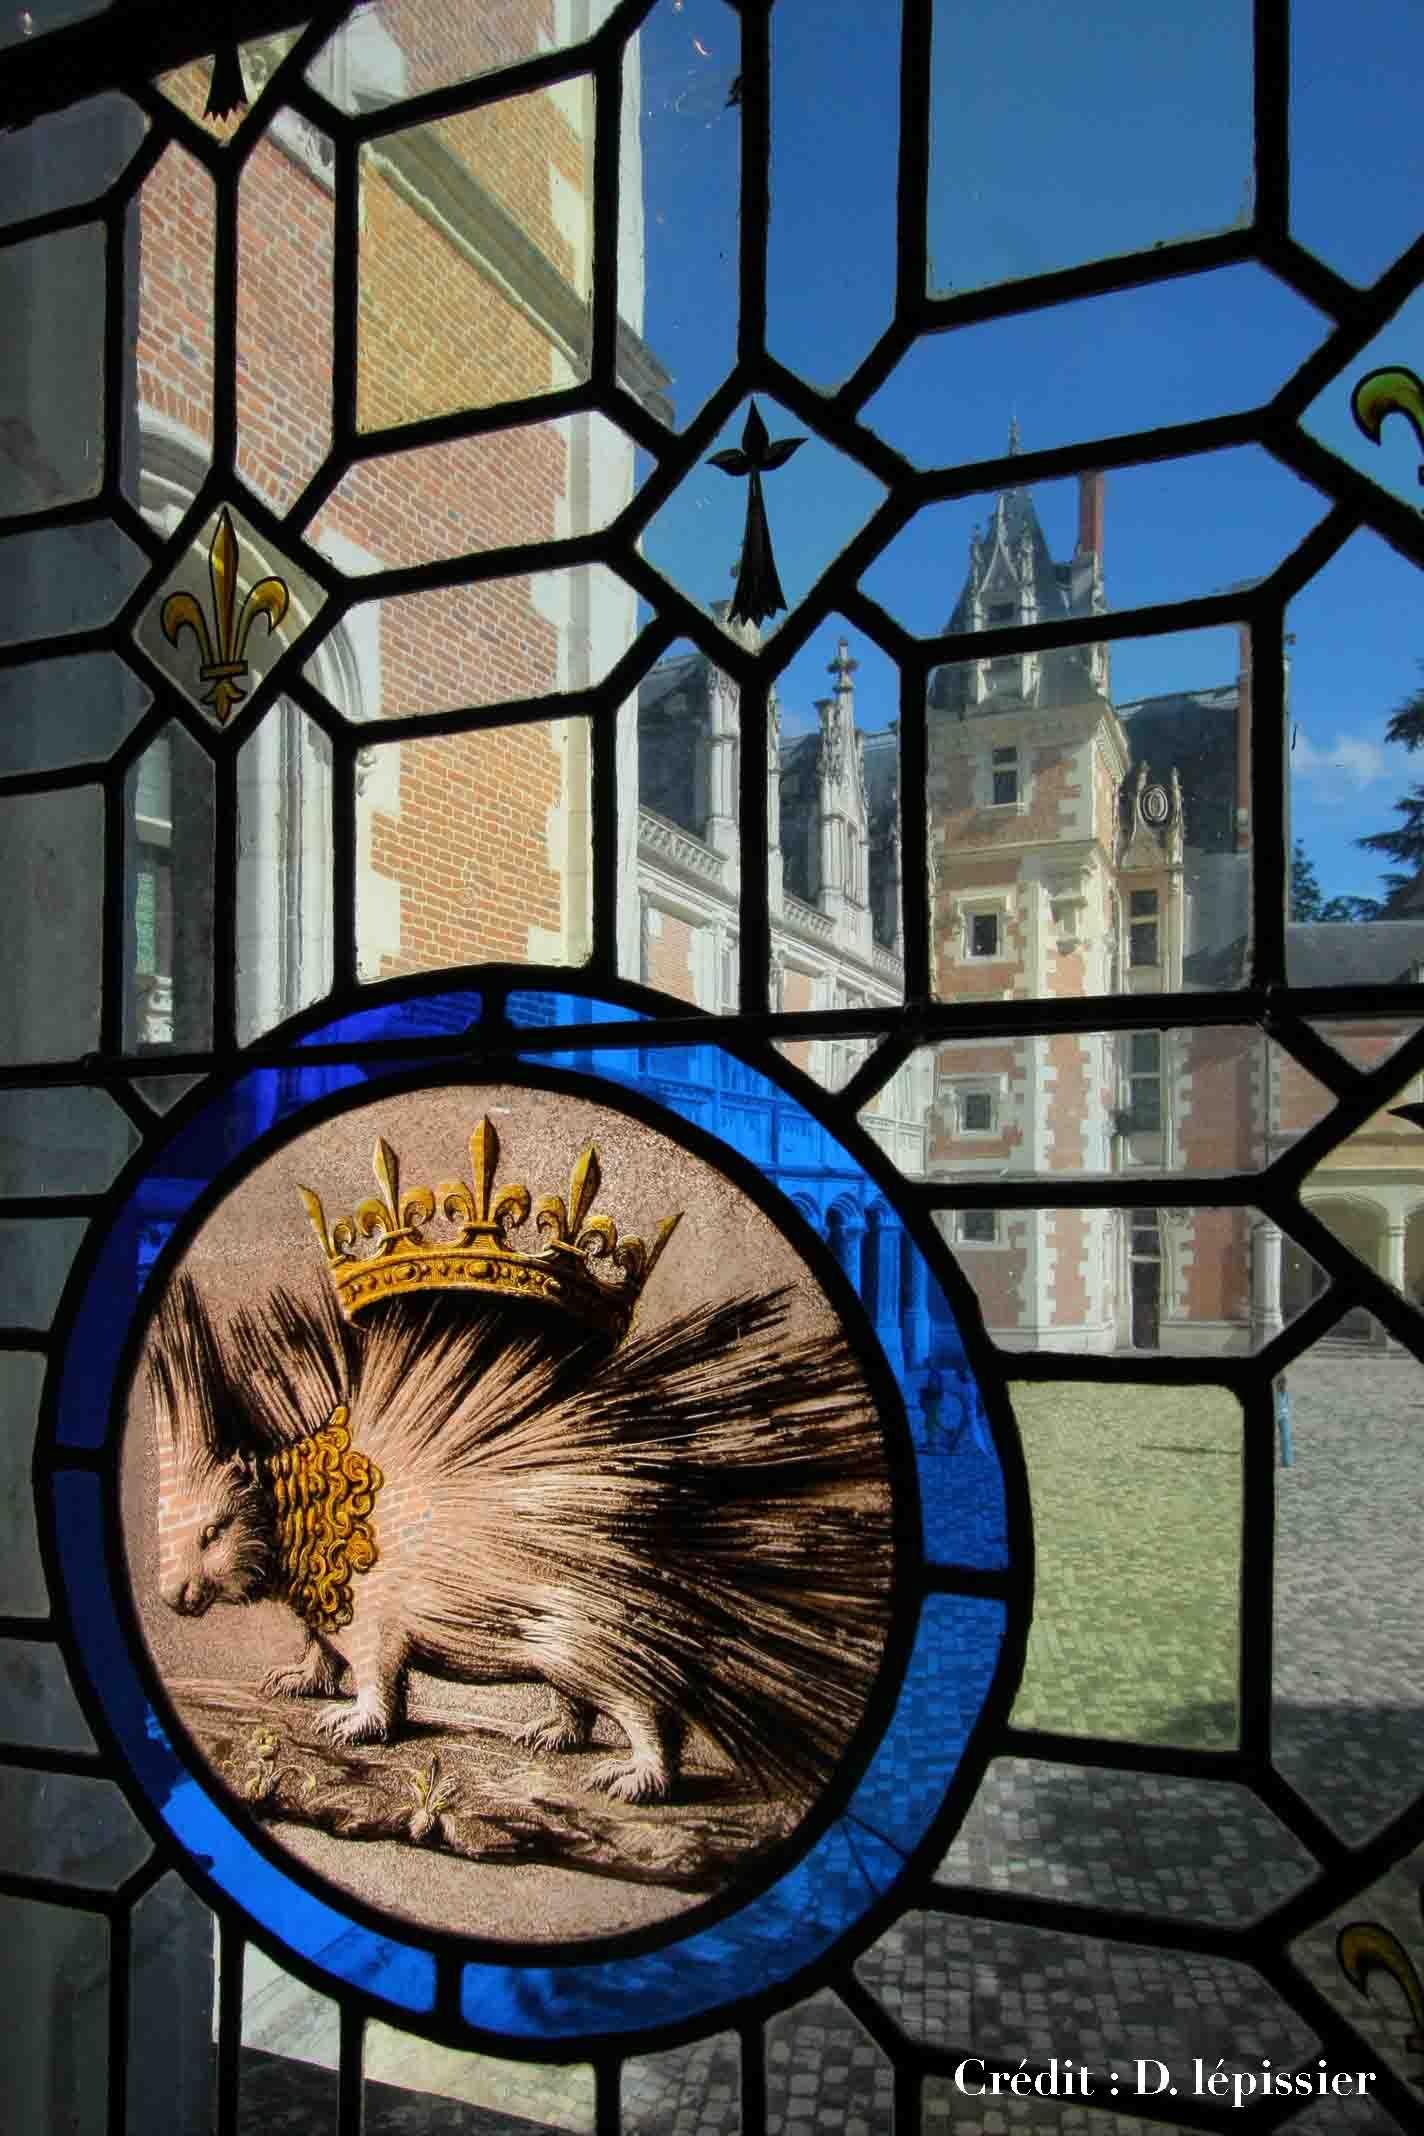 Office De Tourisme Blois I Chambord Communication Globale Agence Rcp Design Global Office De Tourisme Tourisme Communication